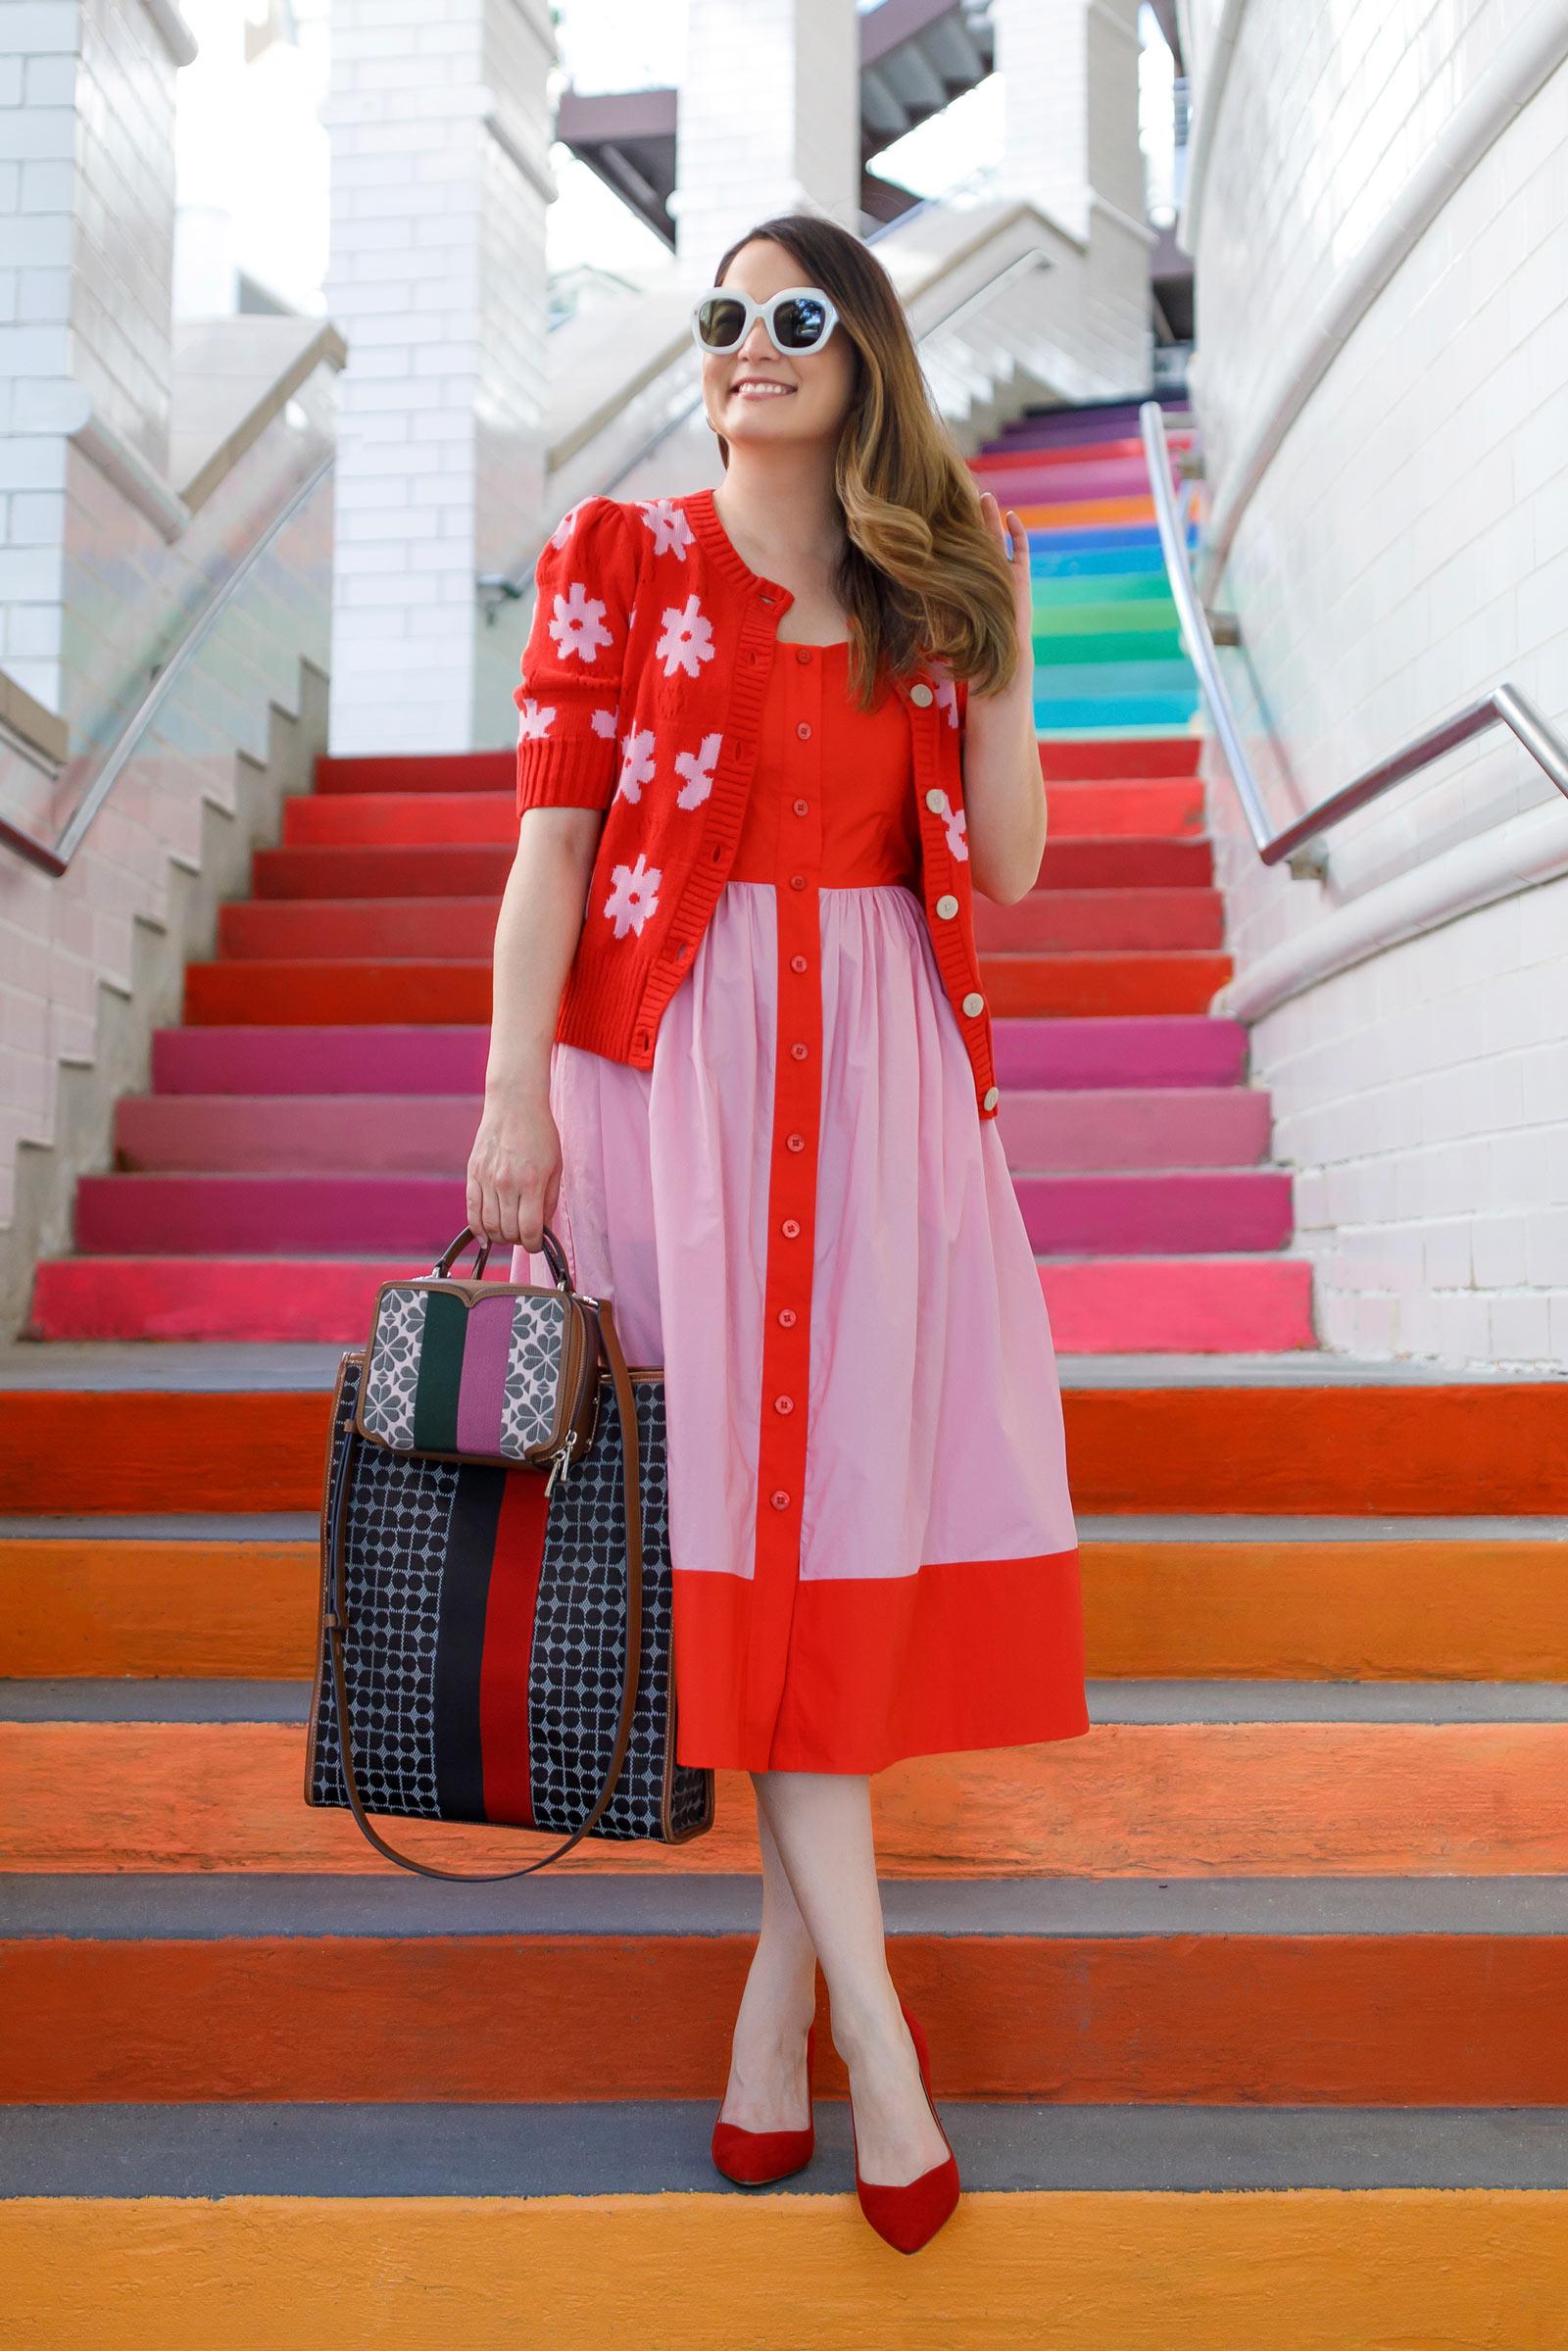 Kate Spade Red Pink Dress